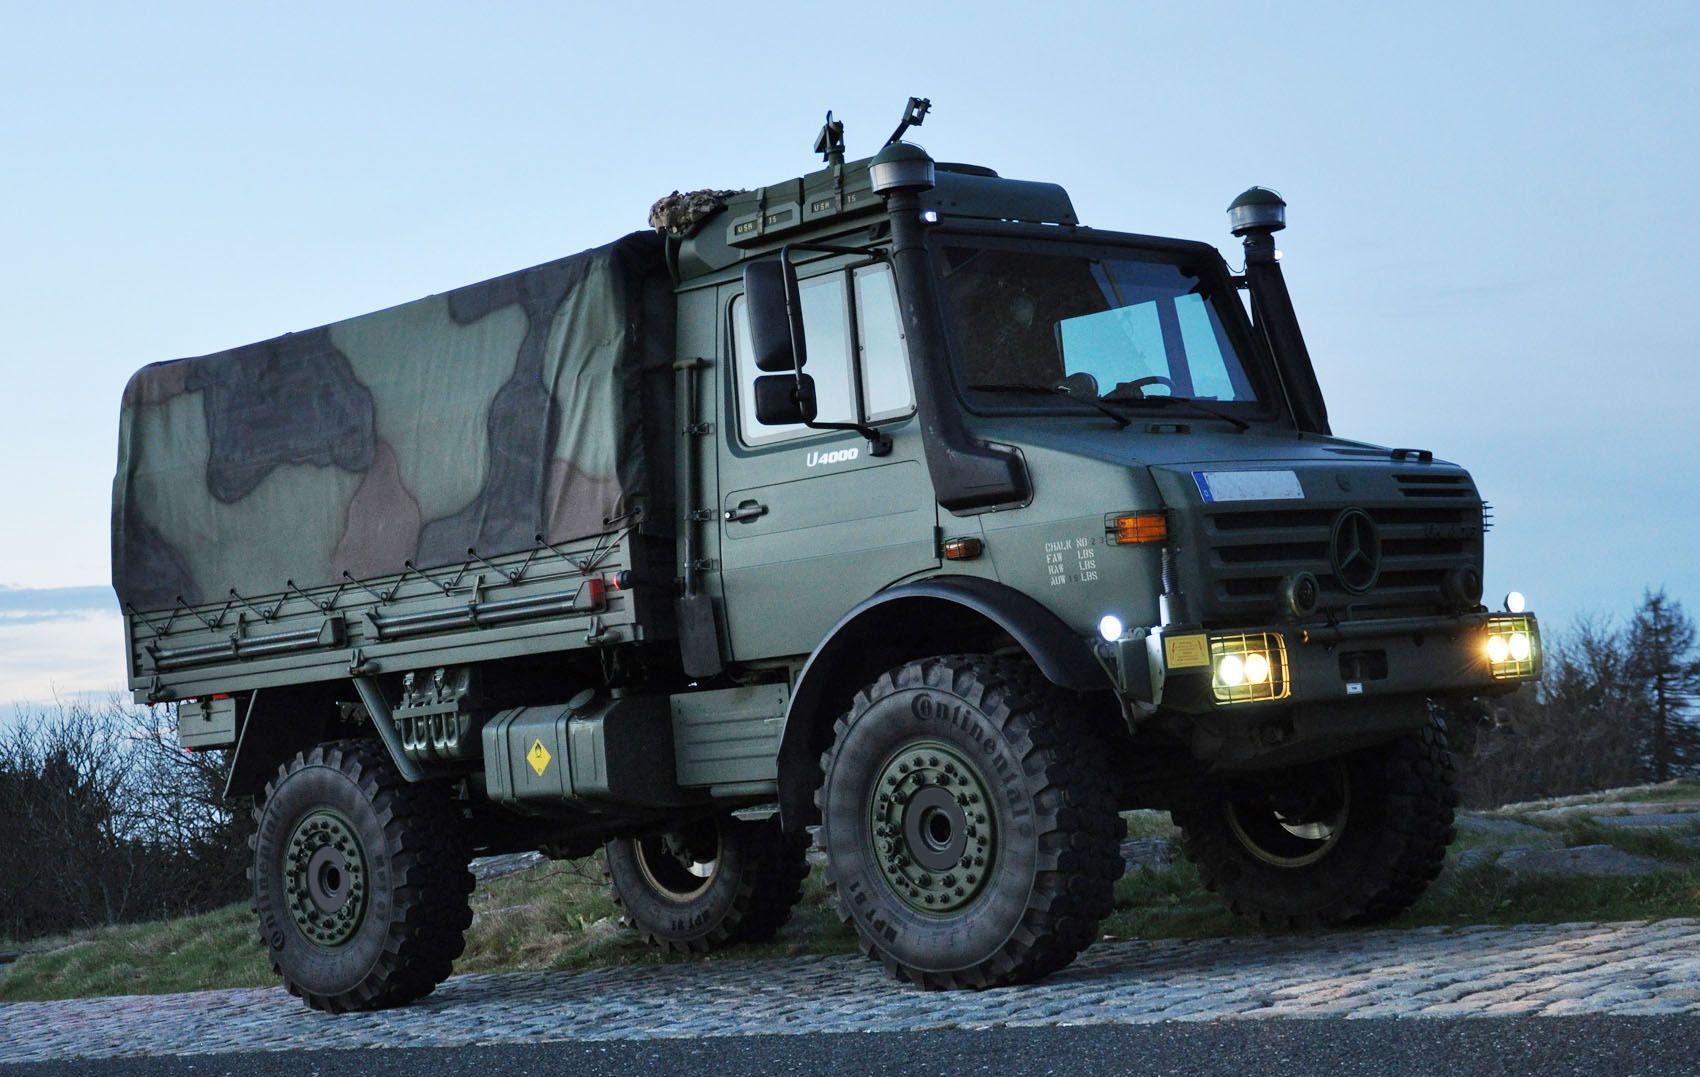 El Ejercito De Chile Recibe 278 Camiones Militares Todo Terreno Y 154 Maquinas De Ingenieria Mercedes Benz Unimog Camiones Vehiculos Militares